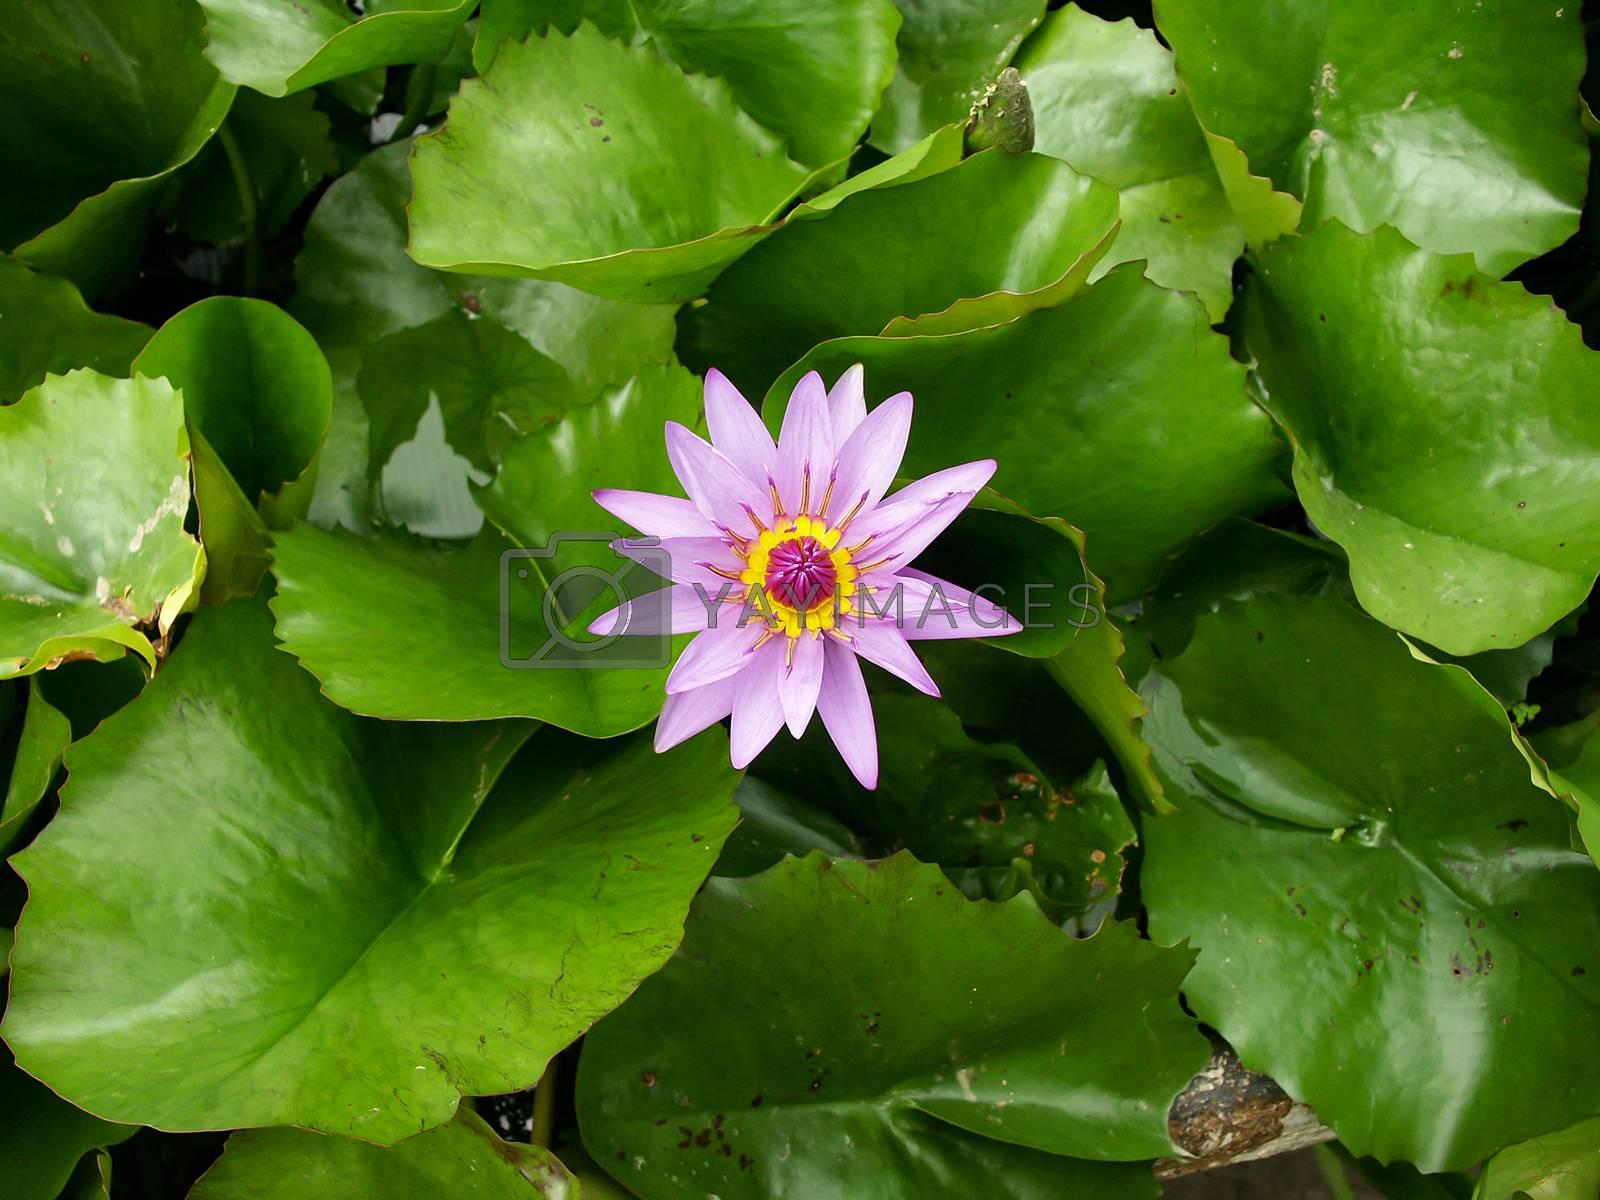 Lotus Flower by applesstock